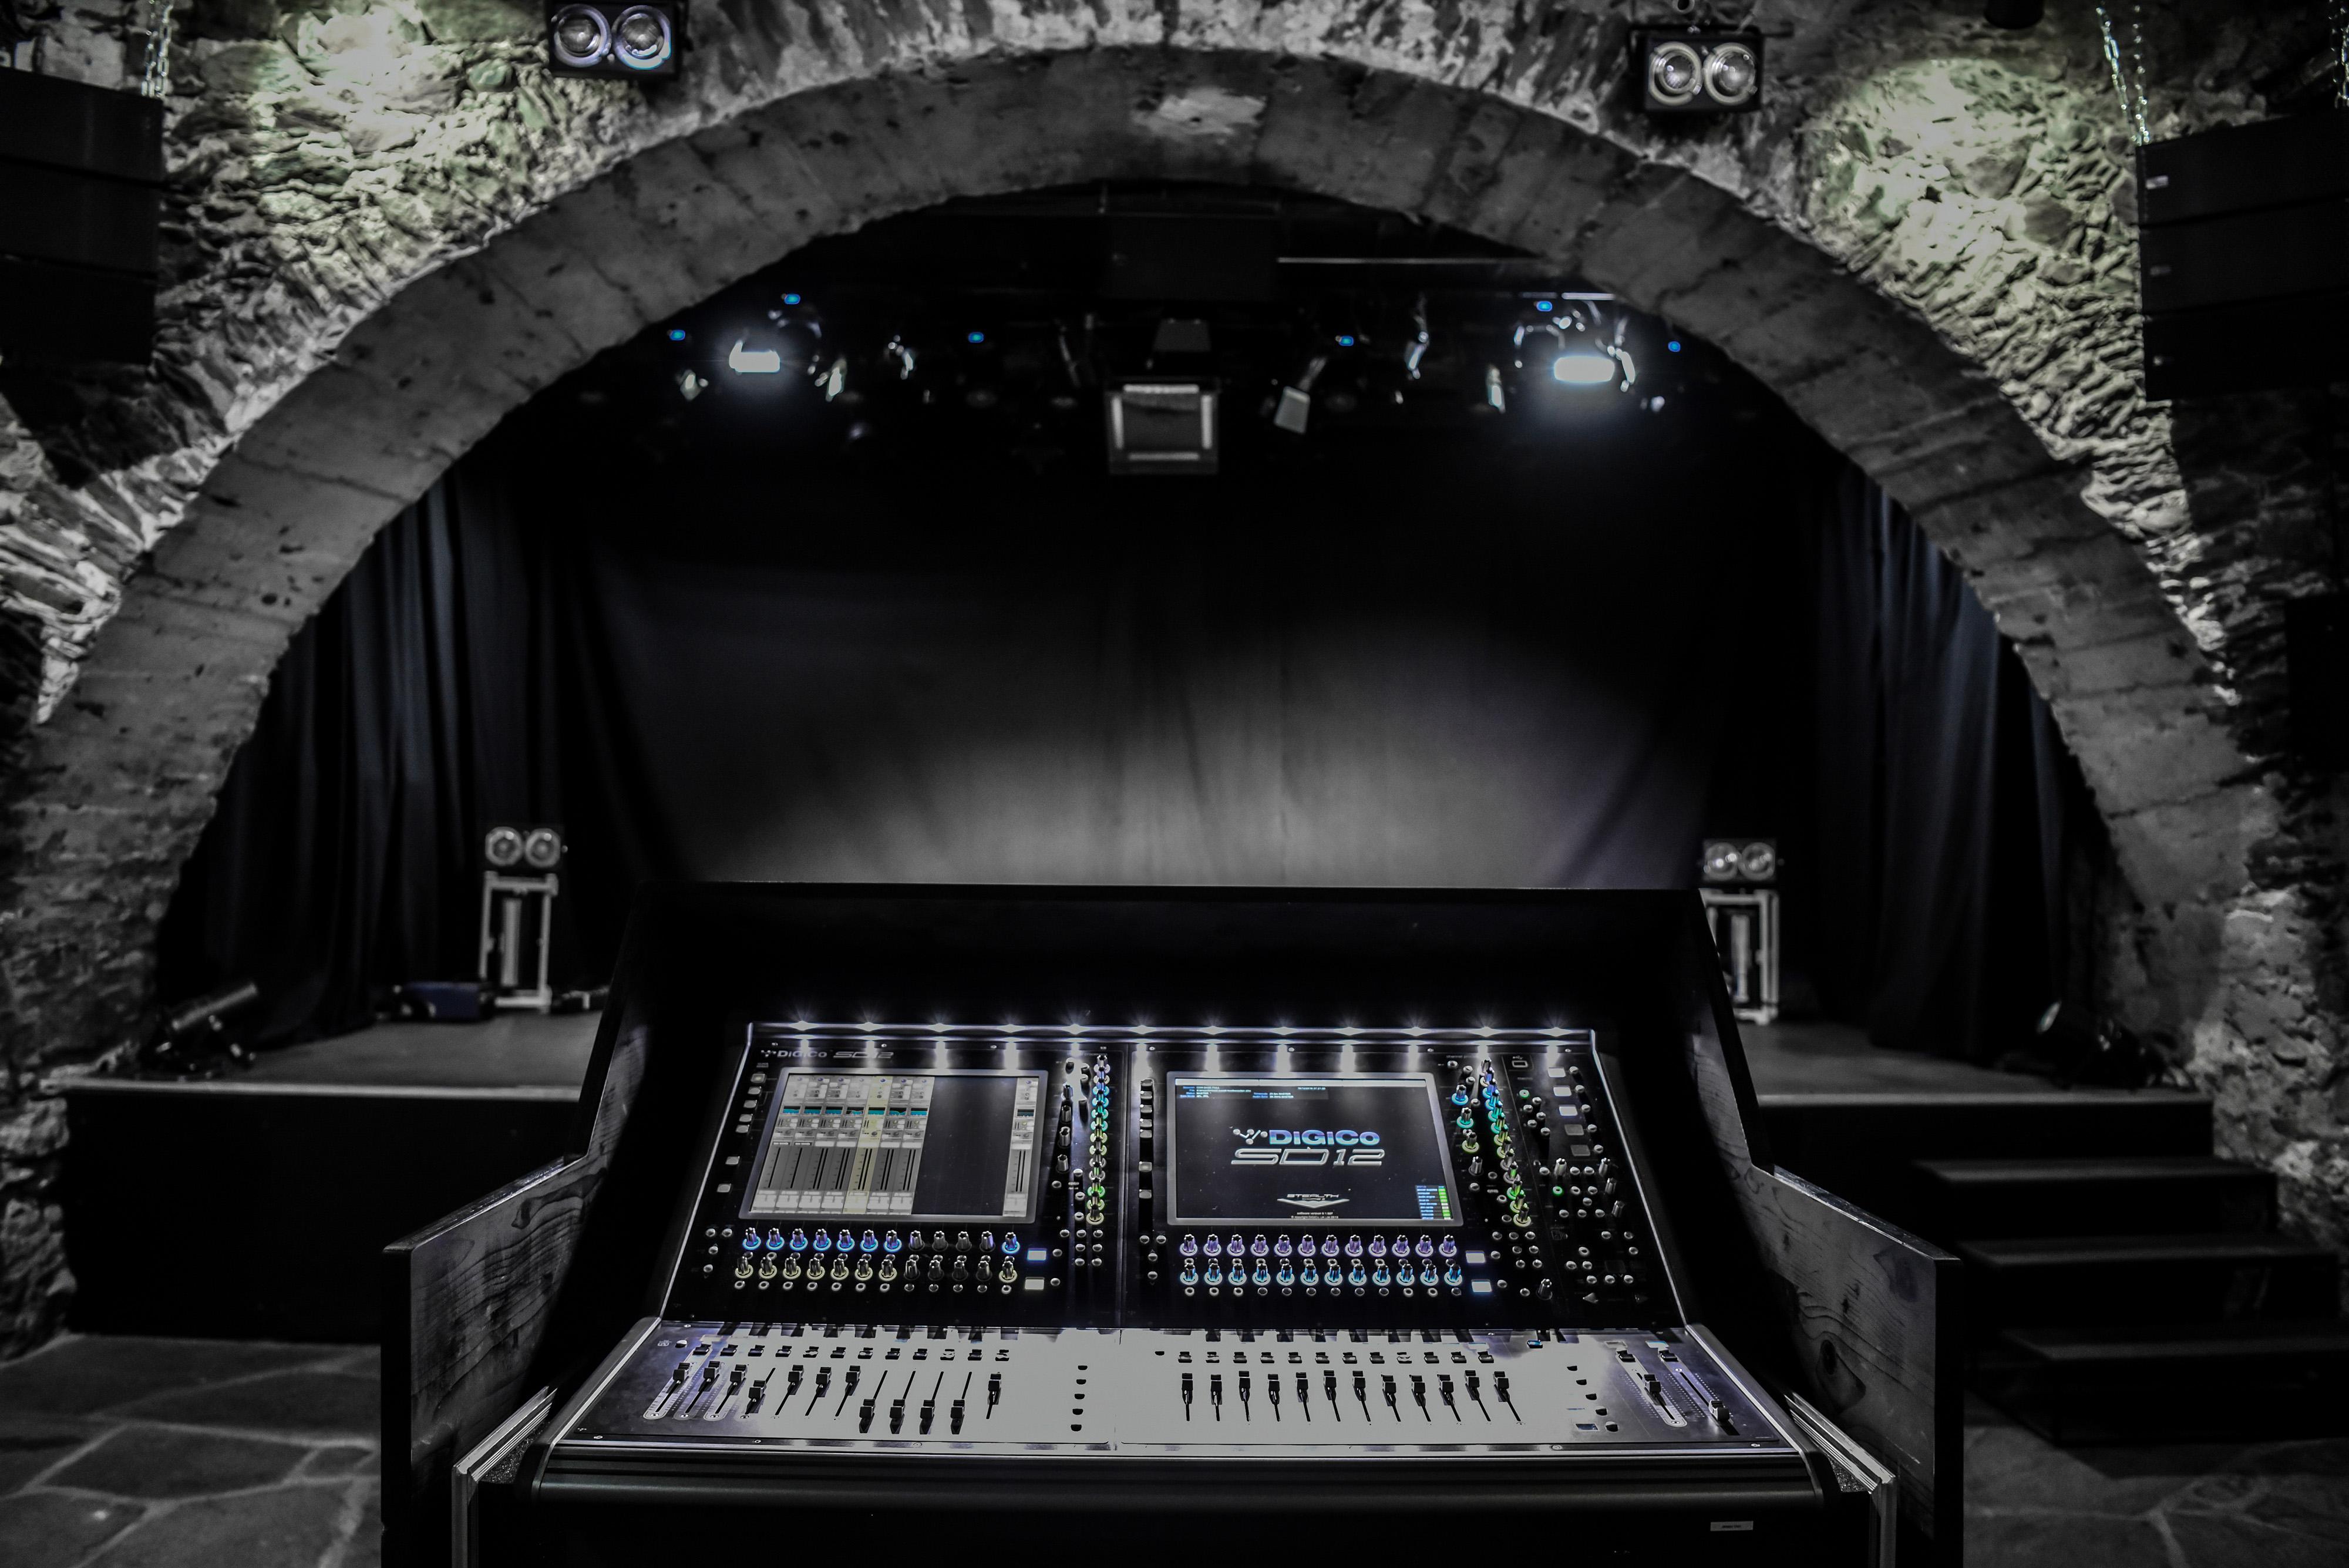 Les Caves Du Manoir caves du manoir upgrades with digico sd12 - digico